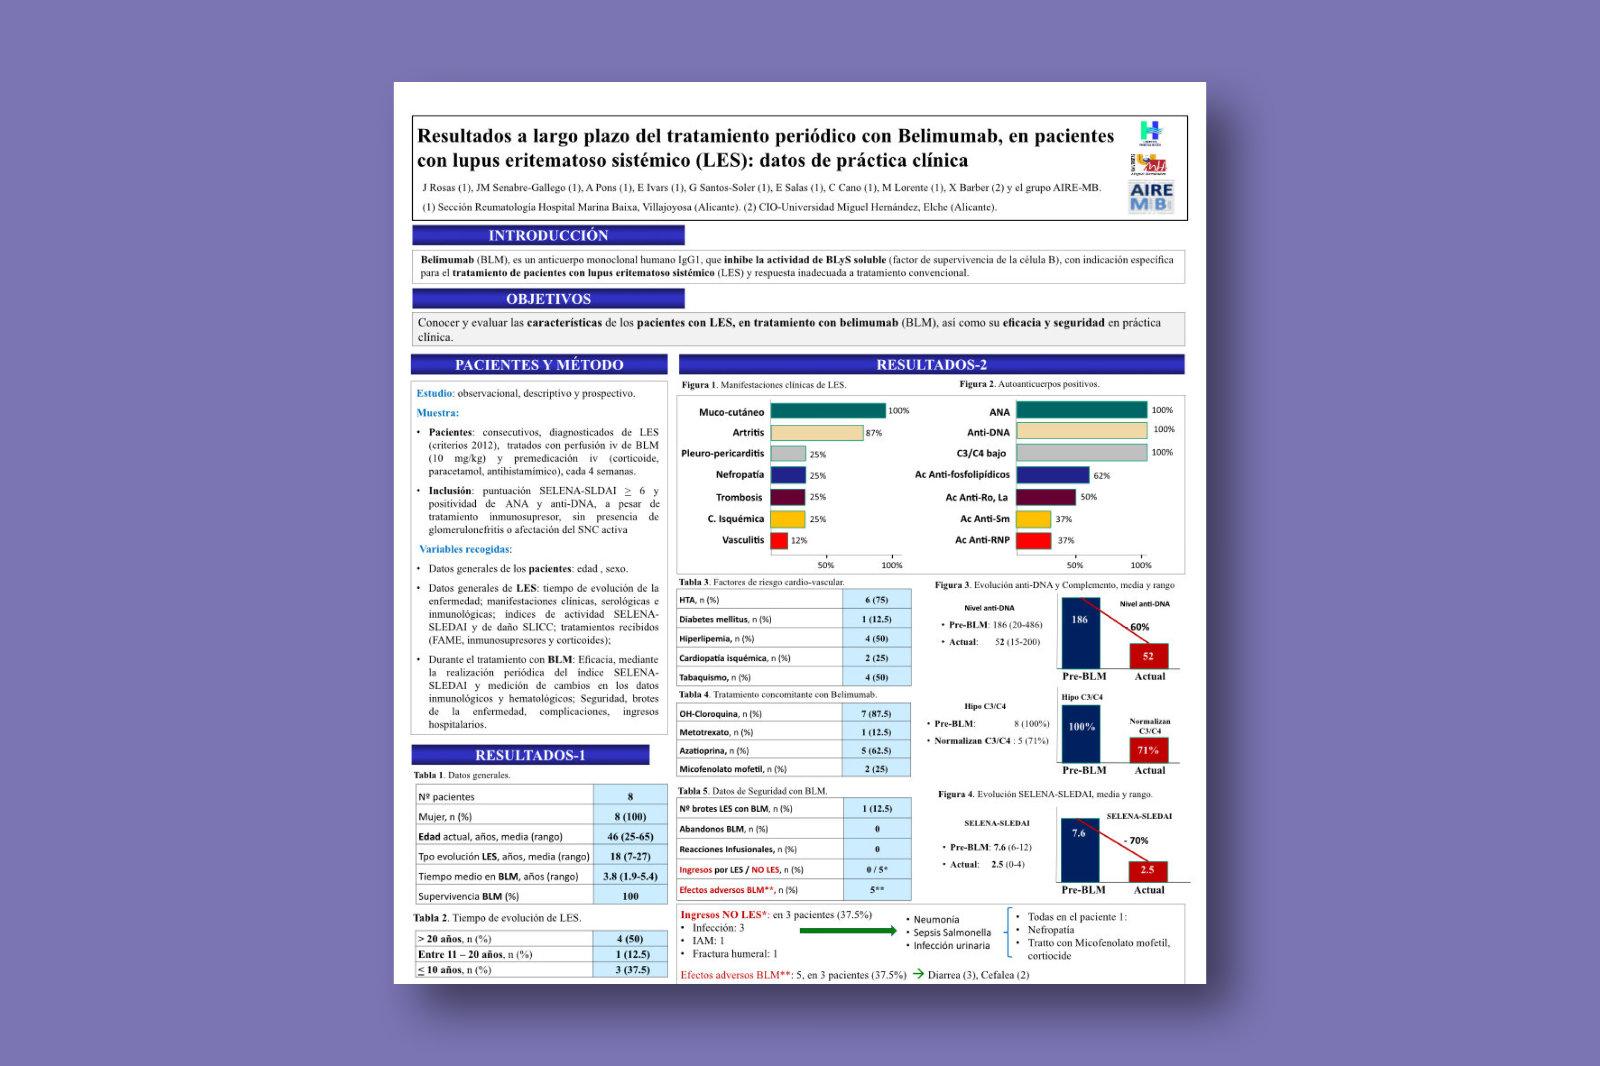 Resultados a largo plazo del tratamiento con Belimumab, en pacientes con Lupus Eritematoso Sistémico: datos de práctica clínica